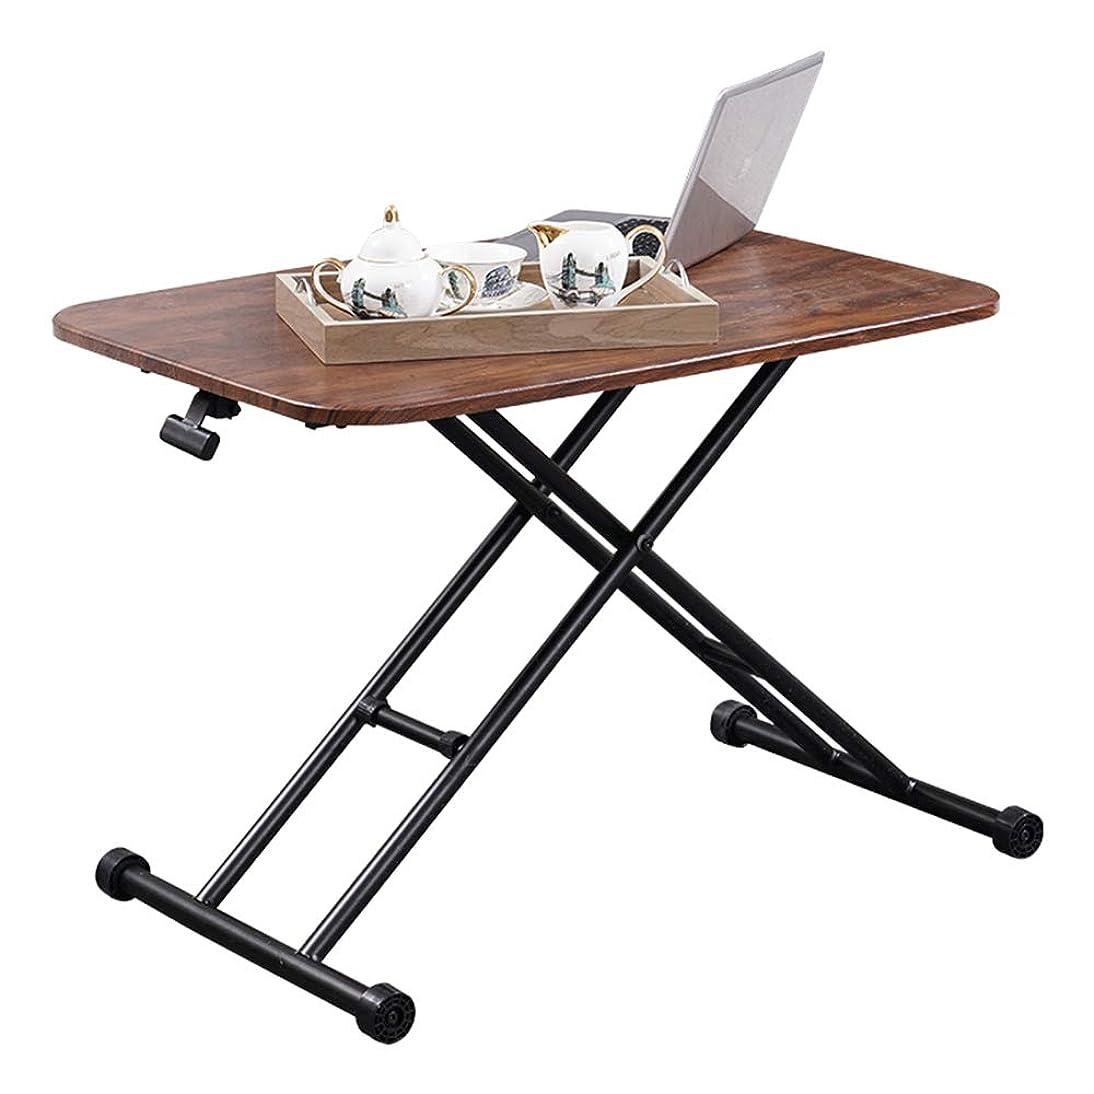 独創的ビルフィッティングZR-ウォールテーブル コンピュータデスク、多機能折りたたみレイジーテーブル、ソファサイドテーブル、リフティングベッドサイドテーブル、ホームスタディテーブル無料設置 - スペースを節約